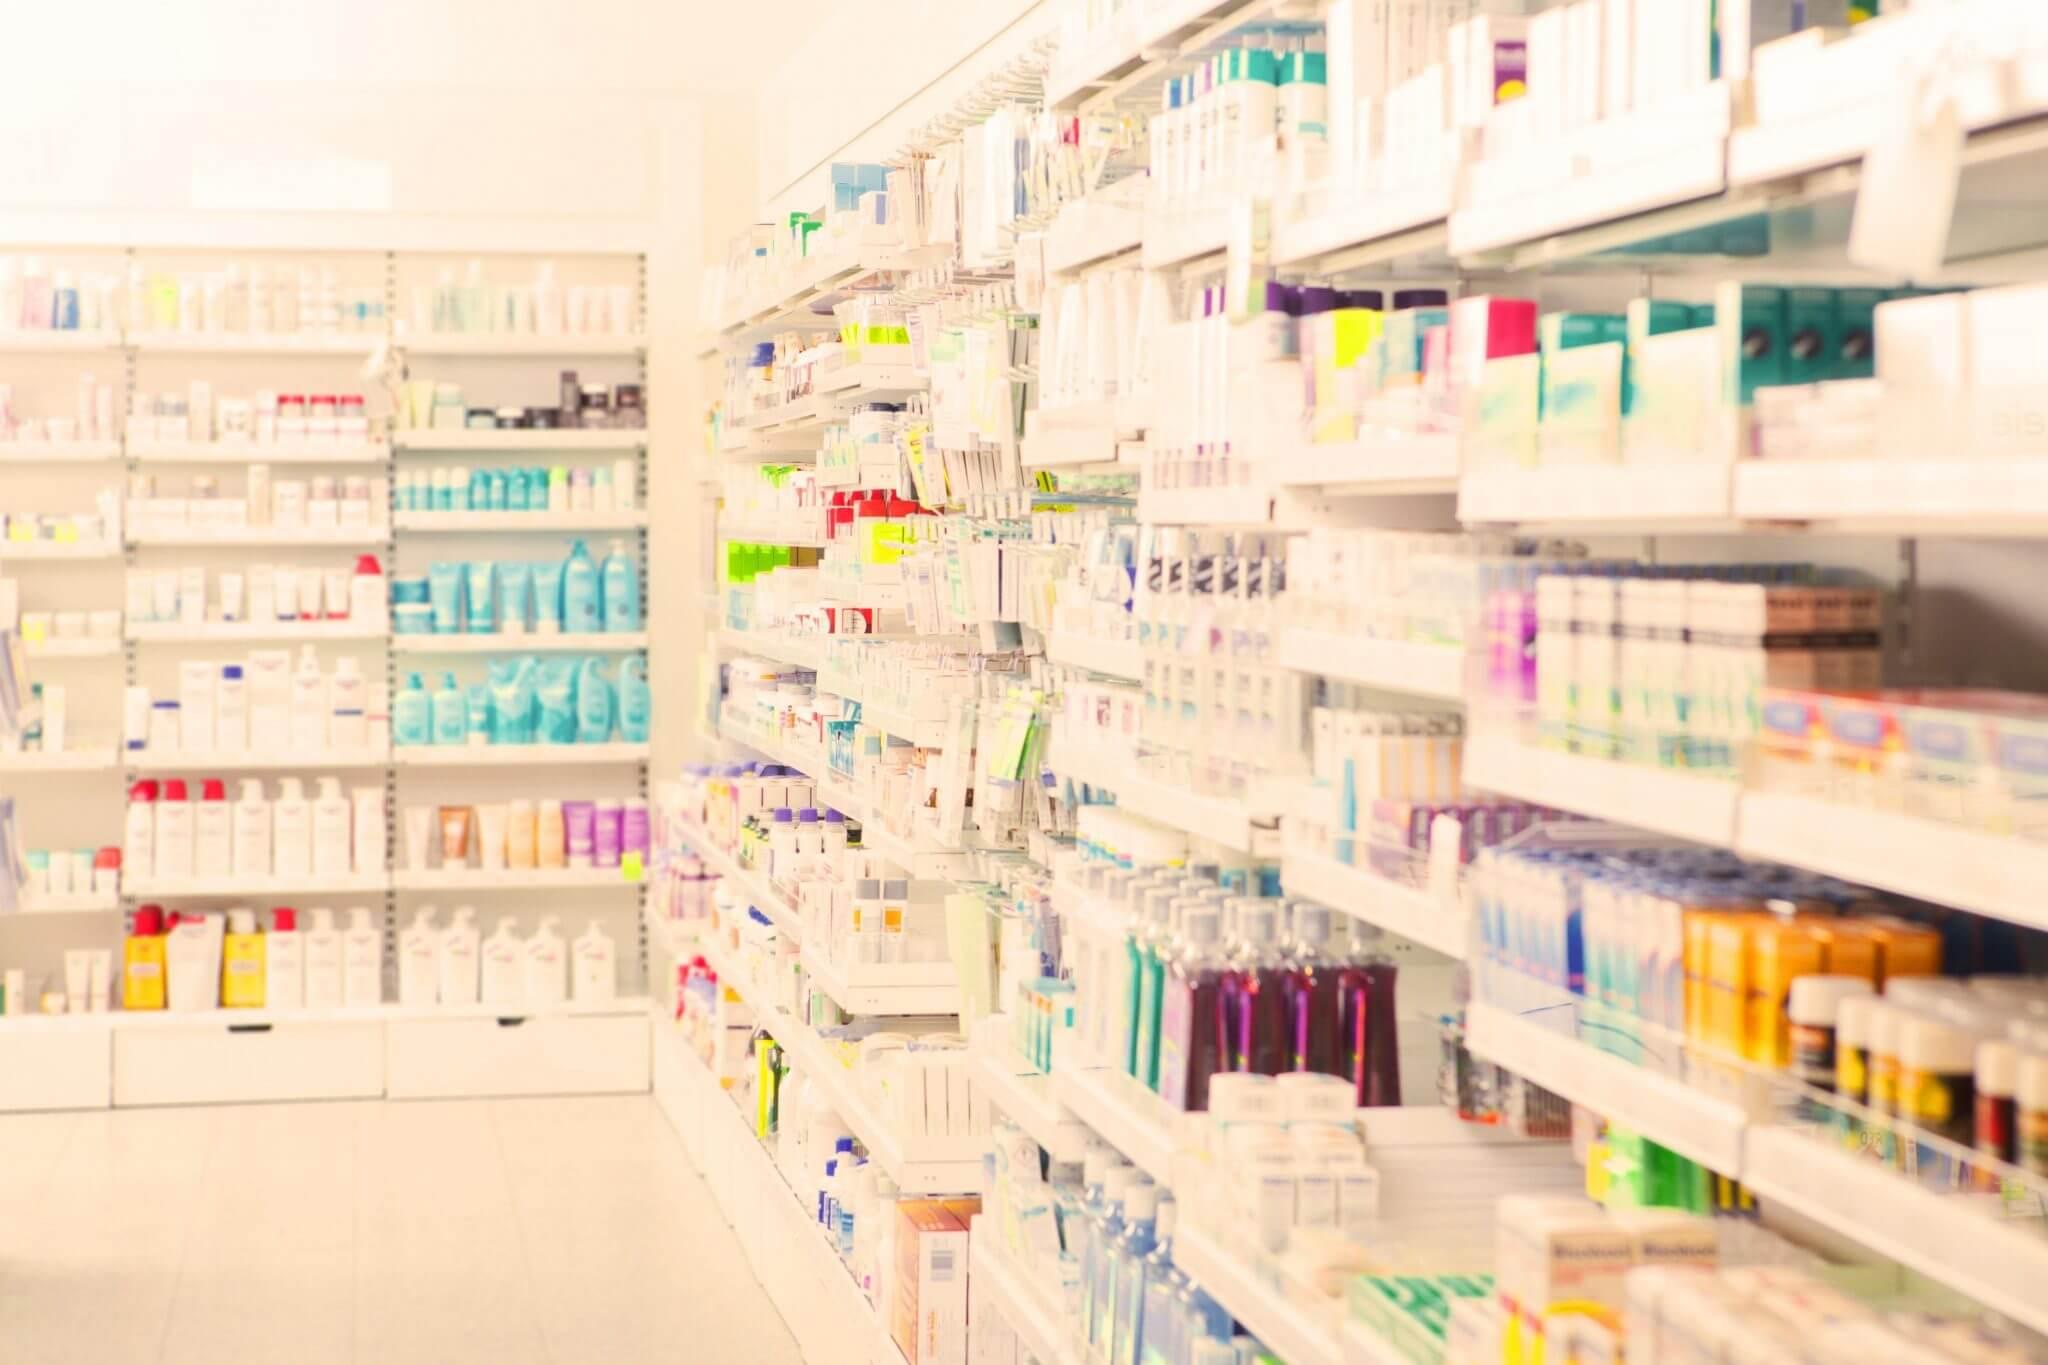 investimento para abrir uma farmácia